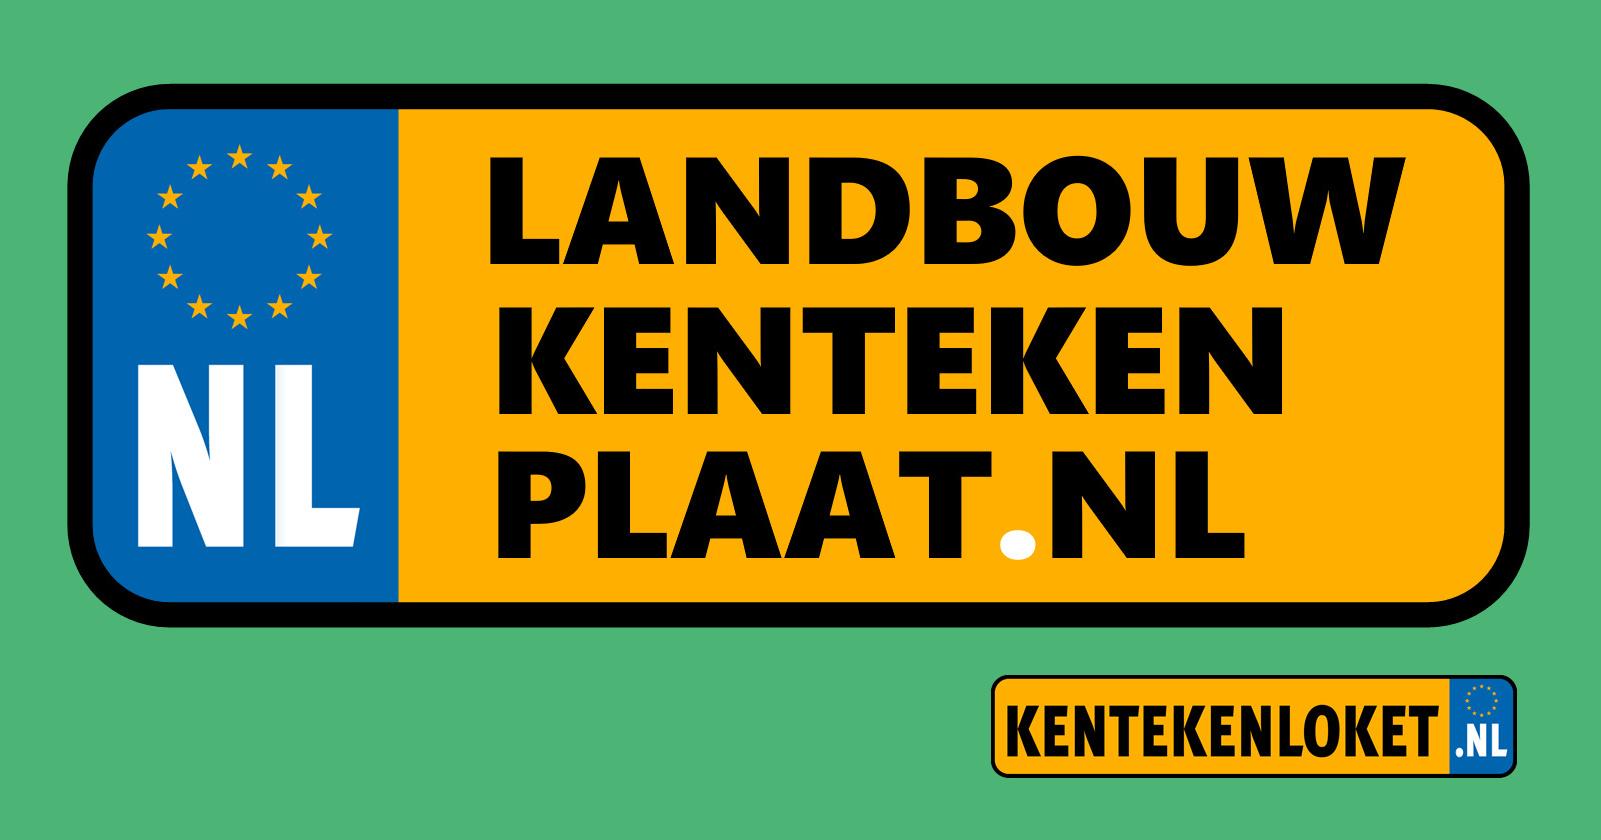 Nieuwe website Kentekenloket & Landbouwkenteken